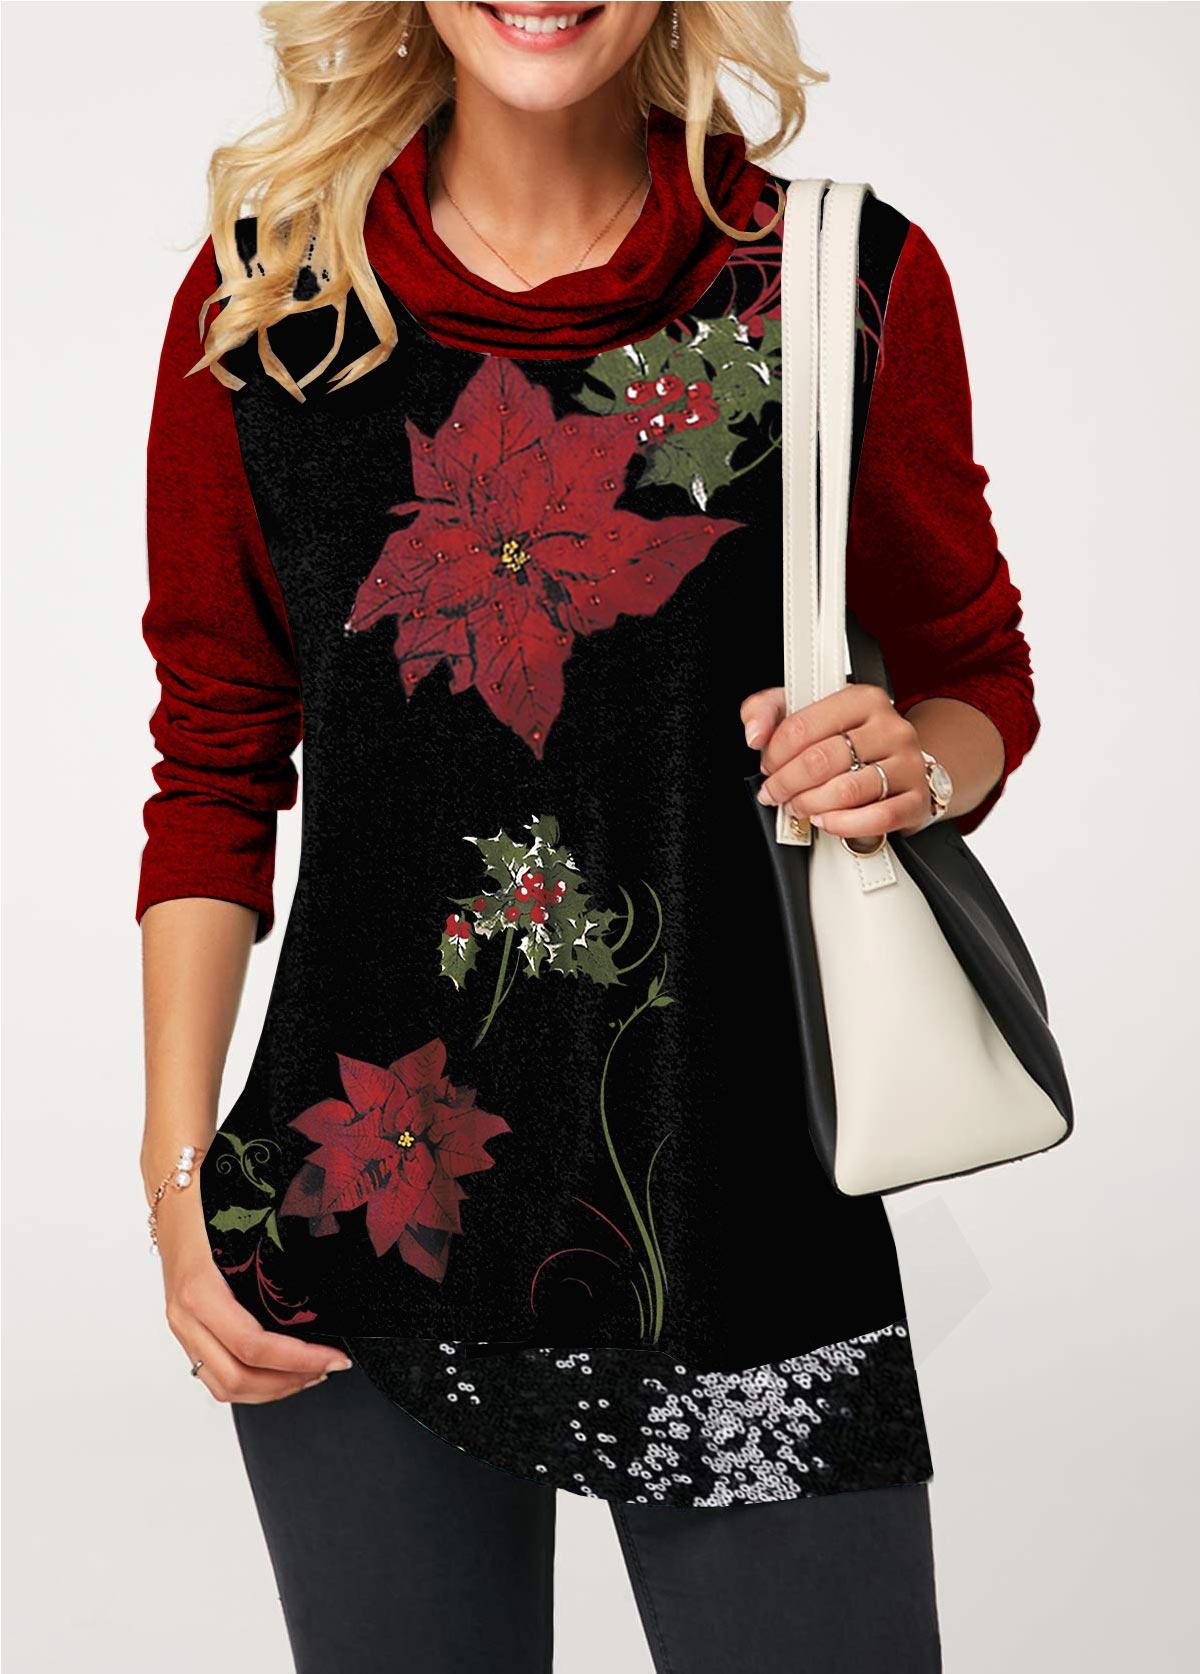 Sequin Embellished Flower Print Cowl Neck T Shirt